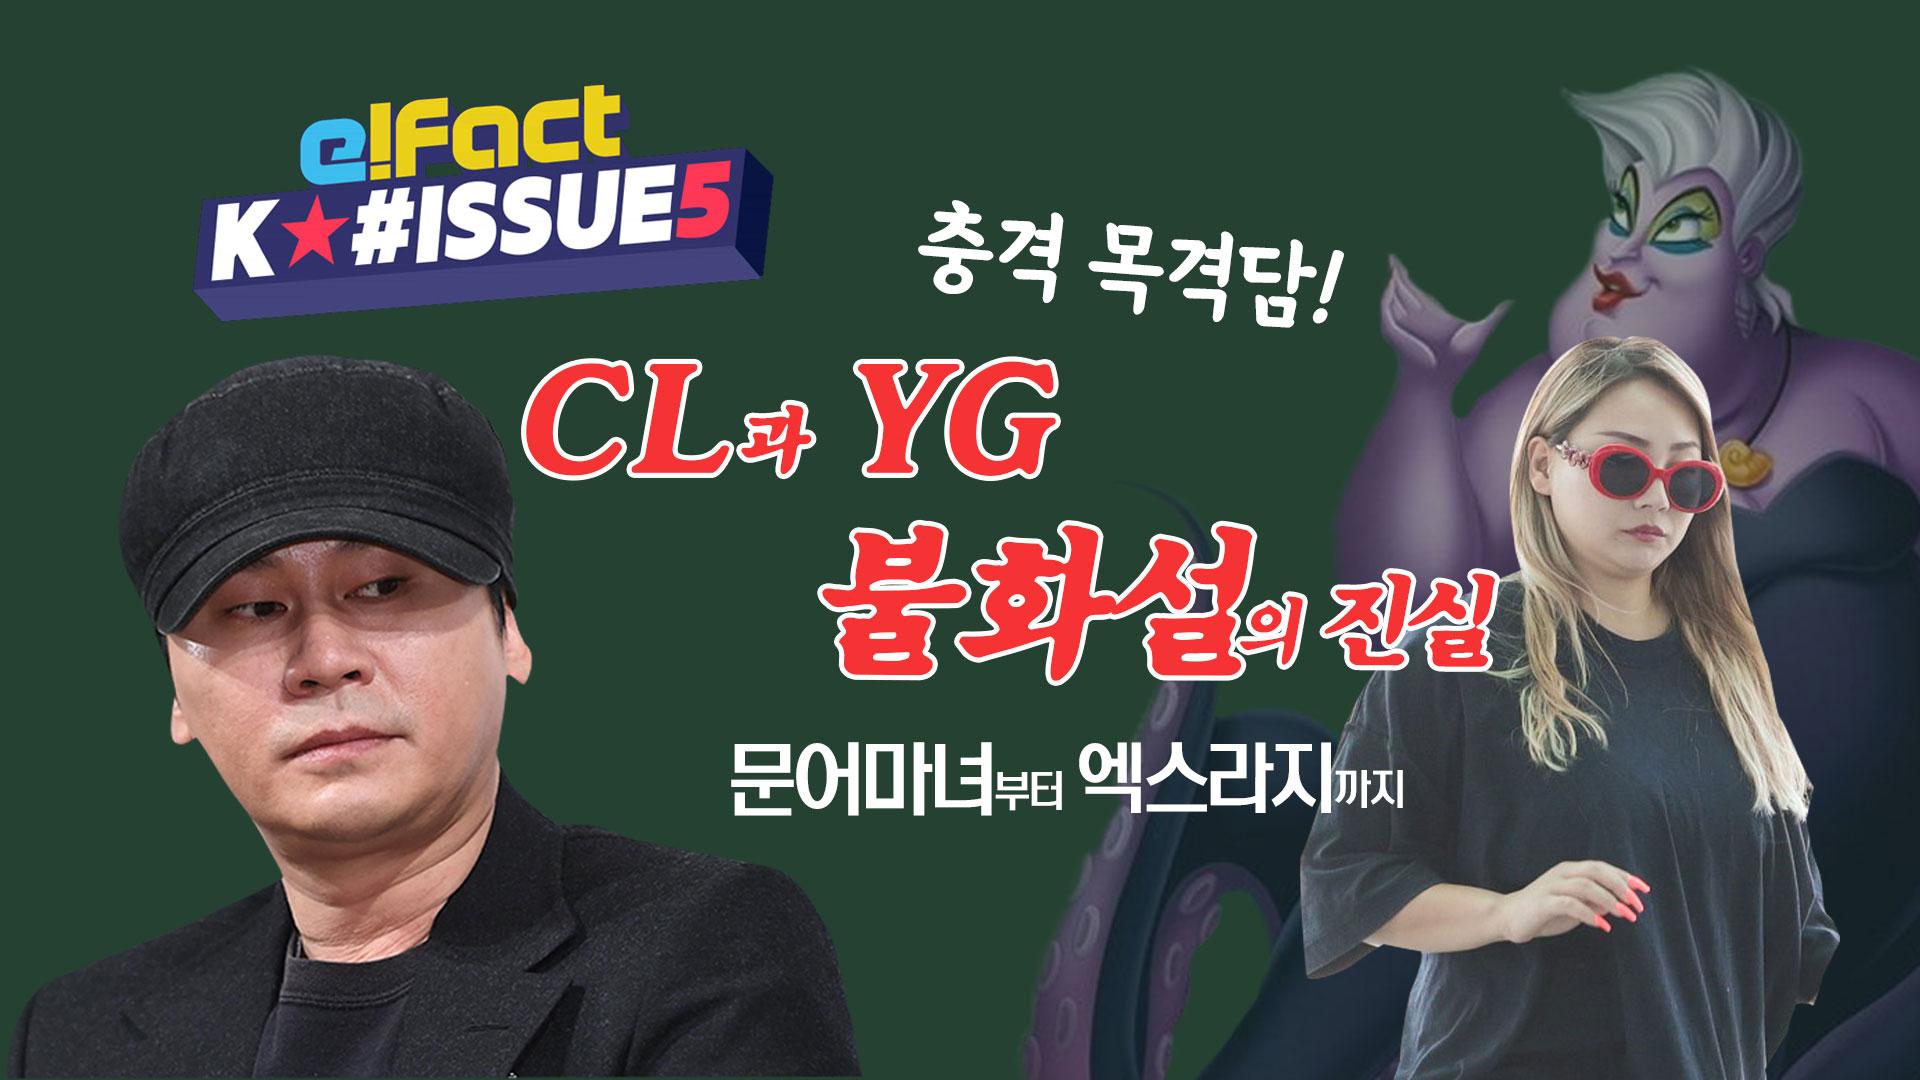 [패션돌] 충격 목격담! 문어마녀부터 엑스라지까지 CL과 YG 불화설의 진실